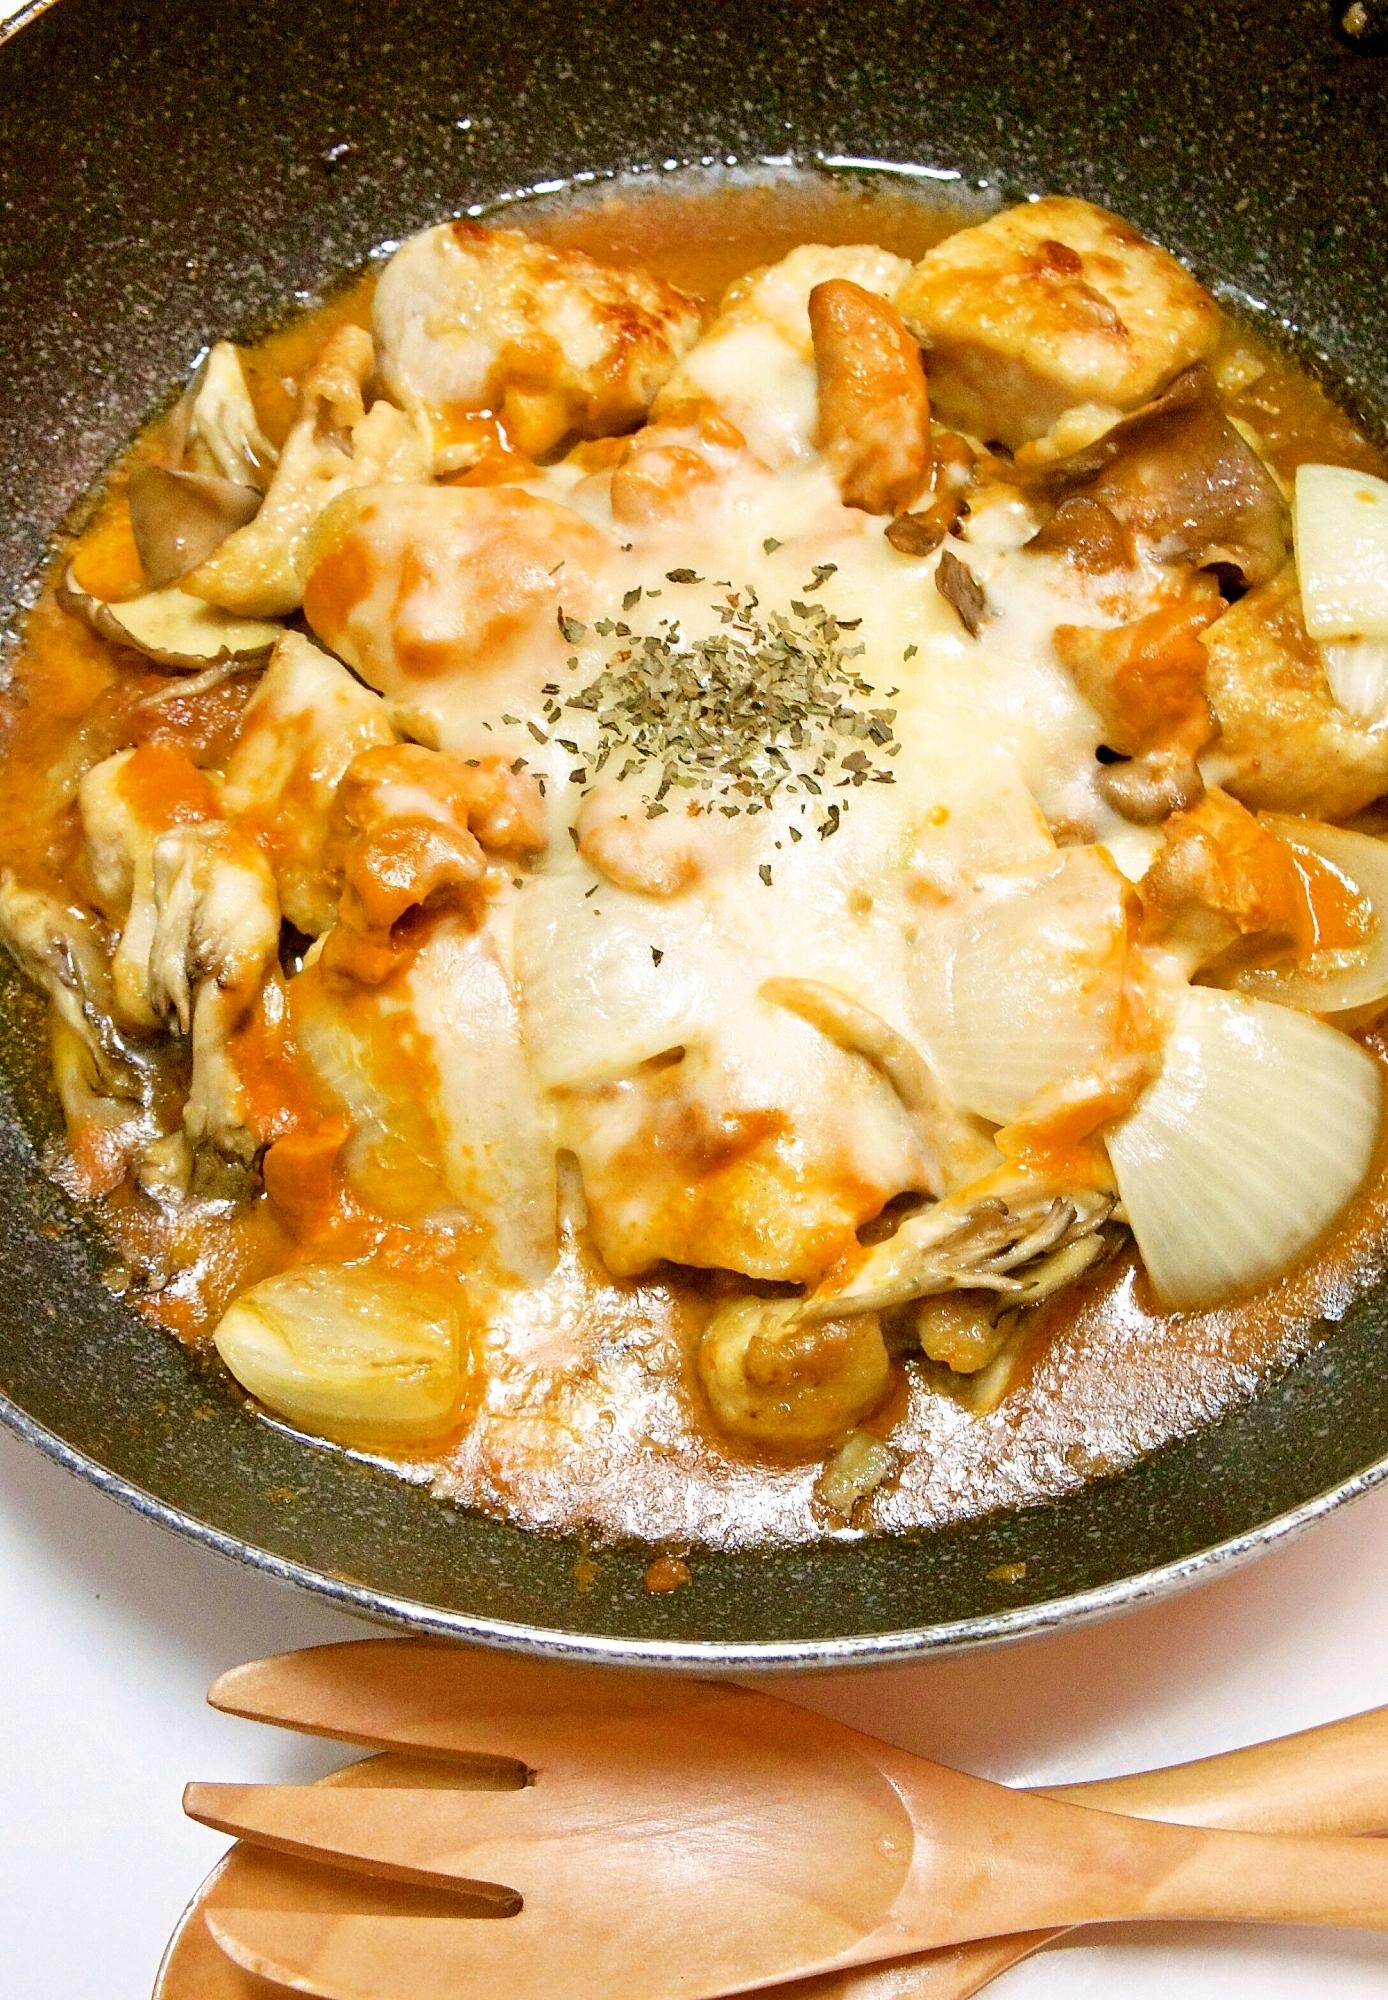 フライパン一つで♪チキンと野菜のカレーチーズ焼き